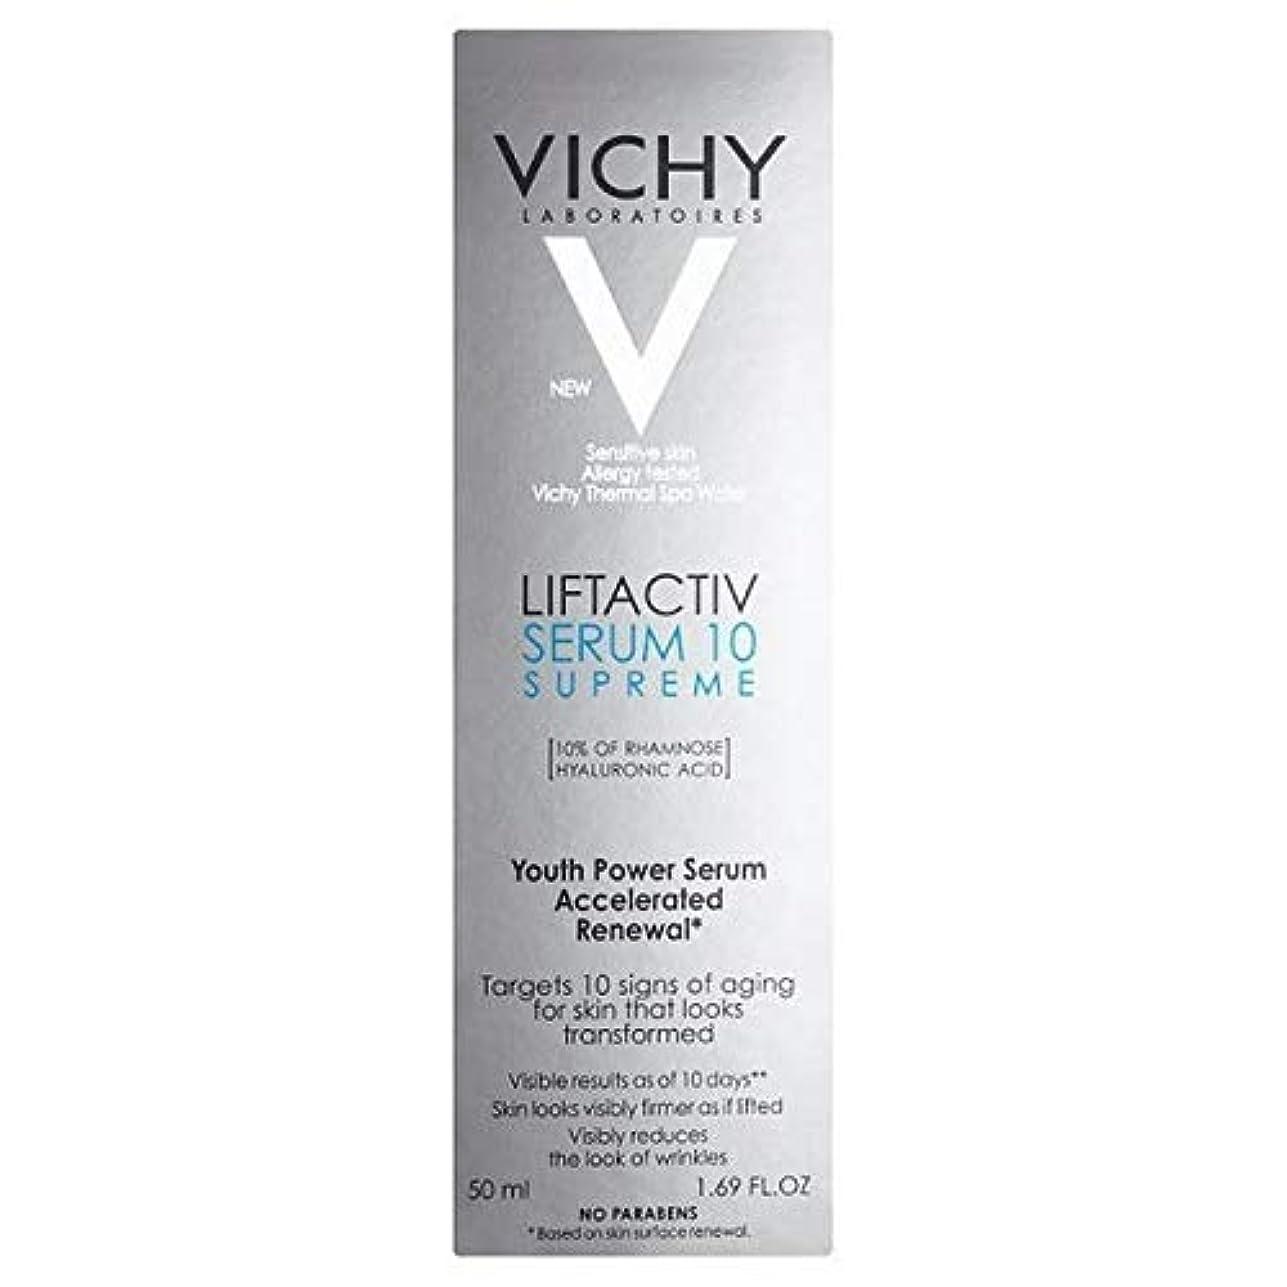 チーム属する赤道[Vichy] アンチエイジング最高の日に血清10 50ミリリットルLiftactivヴィシー - Vichy LiftActiv Anti-Ageing Supreme Day Serum 10 50ml [並行輸入品]